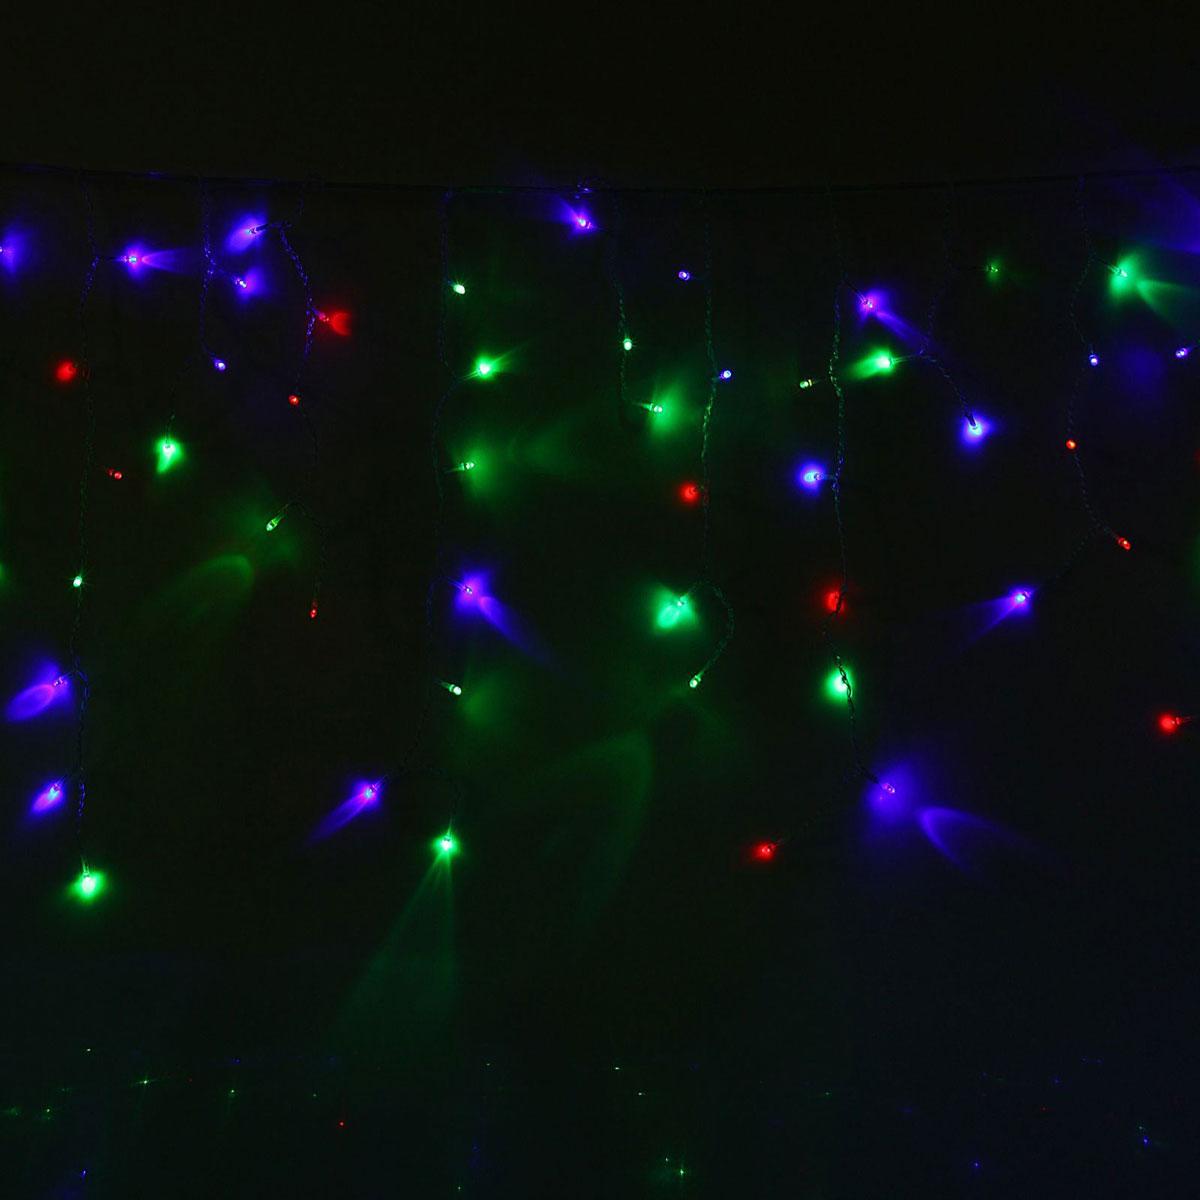 Гирлянда светодиодная Luazon Бахрома, уличная, 160 ламп, 220 V, цвет: мультиколор, 3 х 0,6 м. 10801641080164Светодиодные гирлянды, ленты и т.д — это отличный вариант для новогоднего оформления интерьера или фасада. С их помощью помещение любого размера можно превратить в праздничный зал, а внешние элементы зданий, украшенные ими, мгновенно станут напоминать очертания сказочного дворца. Такие украшения создают ауру предвкушения чуда. Деревья, фасады, витрины, окна и арки будто специально созданы, чтобы вы украсили их светящимися нитями.